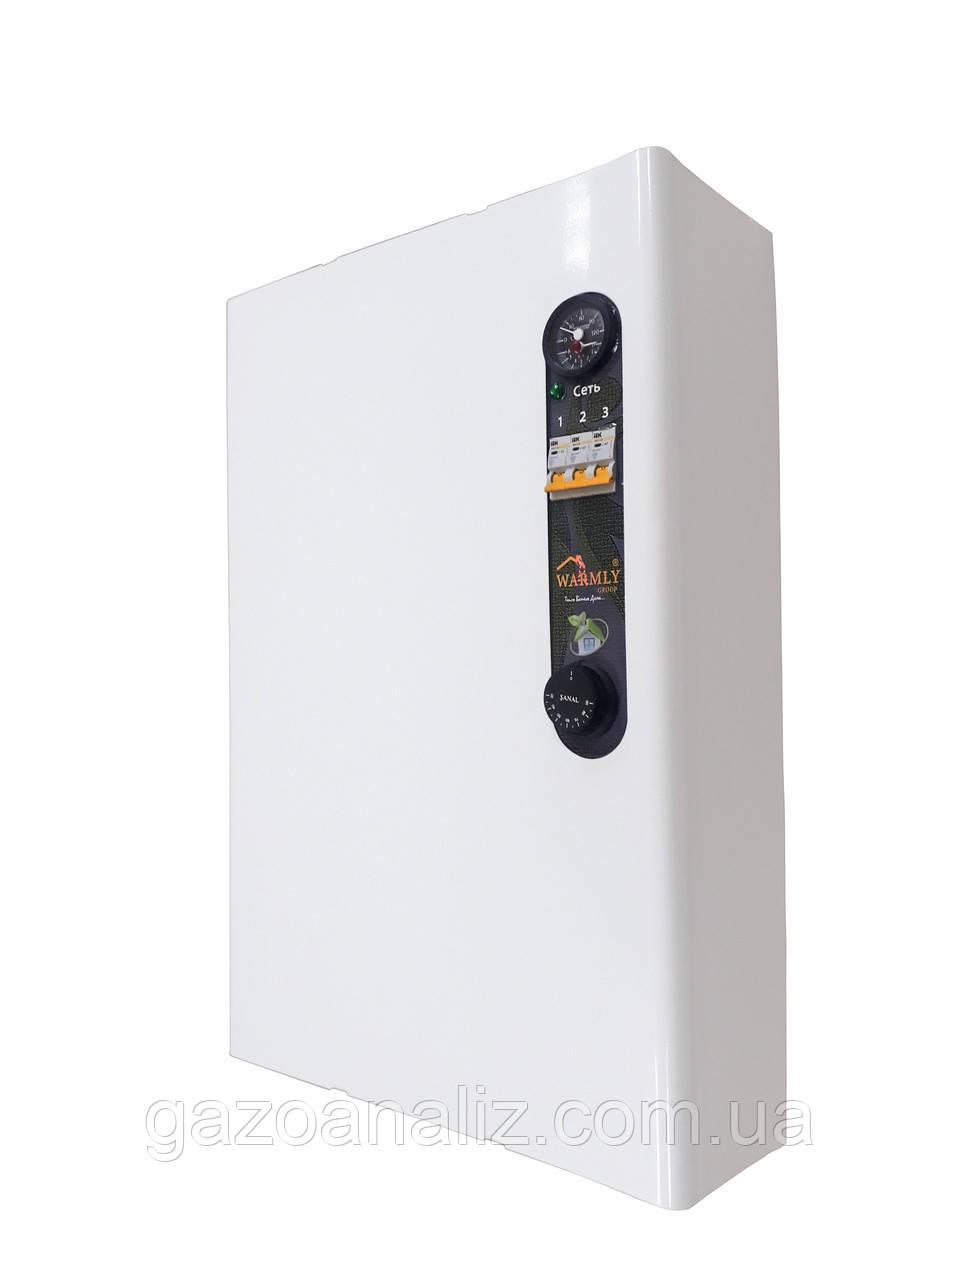 Електрокотел з насосом і бачком Warmly PRO 4,5 кВт 220/380 В (тихий)